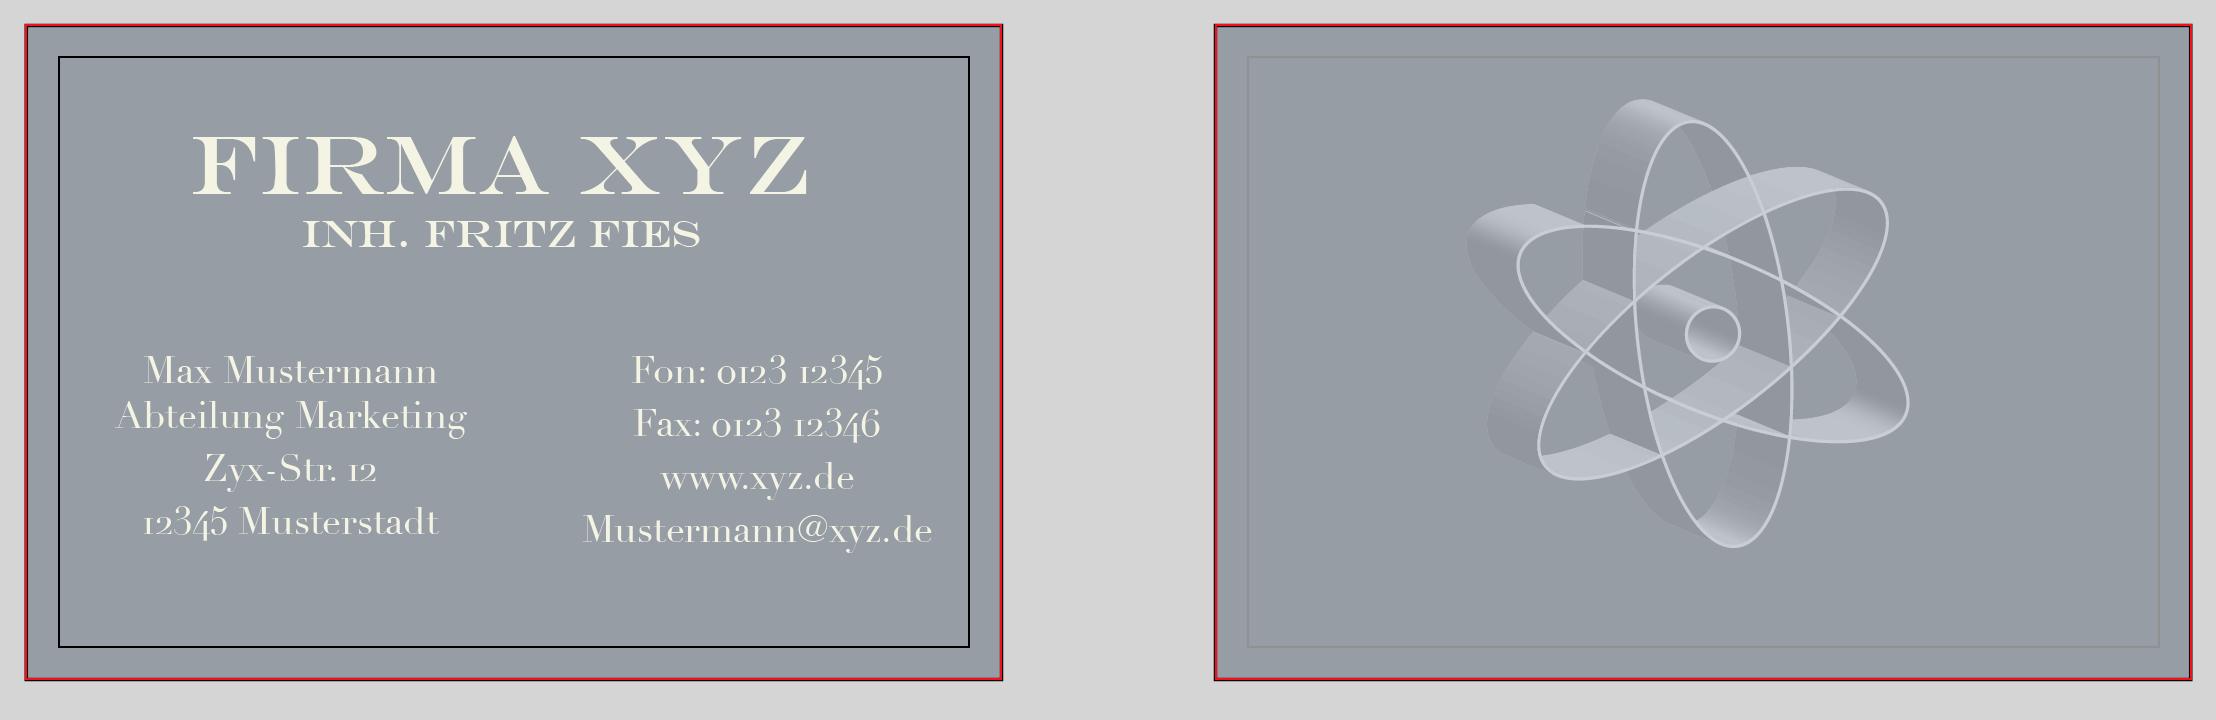 2-seitige Visitenkarten Vorlage für Illustrator